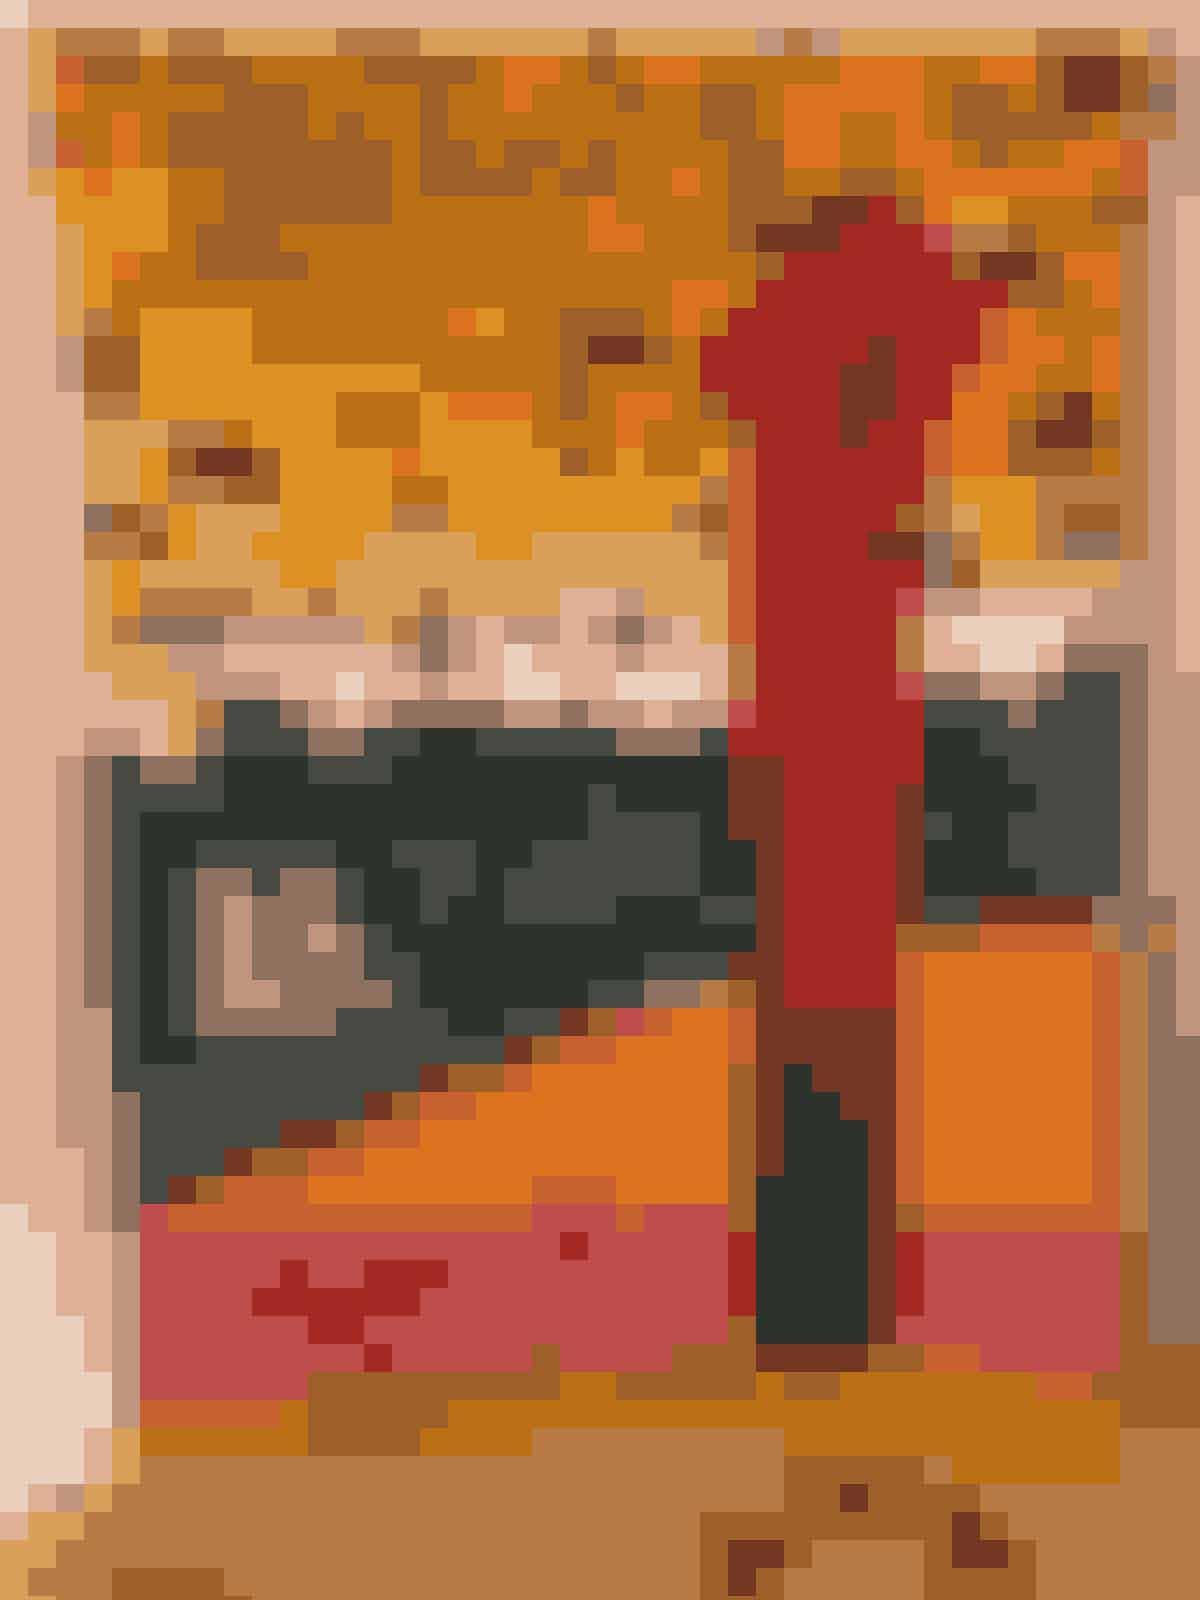 Premiere på filmklubben BLÅ TIME på Kunsthal CharlottenborgBLÅ TIME er en filmklub på Kunsthal Charlottenborg, der viser super8 værker af udvalgte kunstnere. Filmprogrammet er kurateret af Emma Rosenzweig og Albert Grøndahl, der til første udgave af BLÅ TIME har inviteret fire kunstnere til at deltage. Et Super8 kamera er gået på tur imellem billedkunstnerne Ursula Reuter Christiansen, Alexander Tovborg, Emma Kohlmann og Jesper Fabricius, som hver især har skabt fire filmværker. Filmene er uredigerede og premieren afholdes på Kunsthal Charlottenborg den 22. juni kl. 20.00 med efterfest på Apollo Bar.Læs mere om eventether